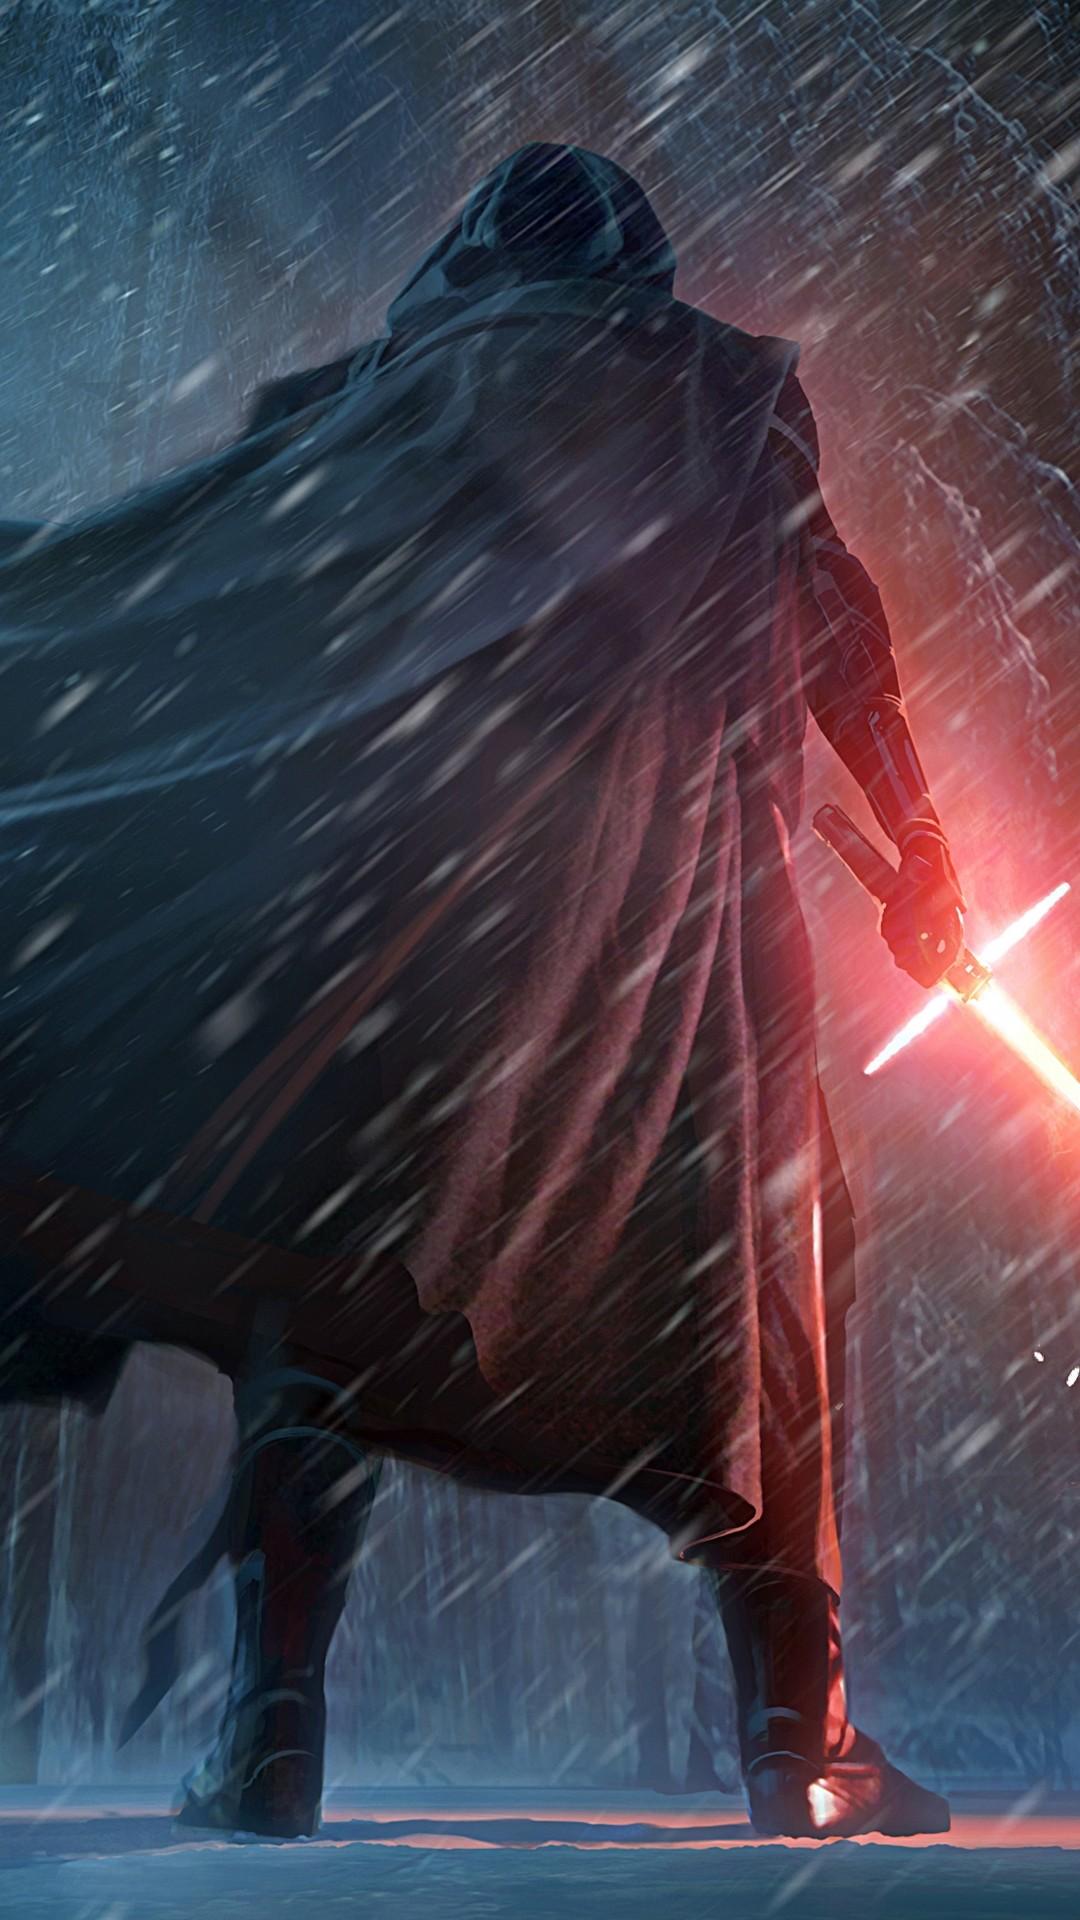 … Wallpaper Kylo Ren Snow Scene. Download: iPhone. Star …